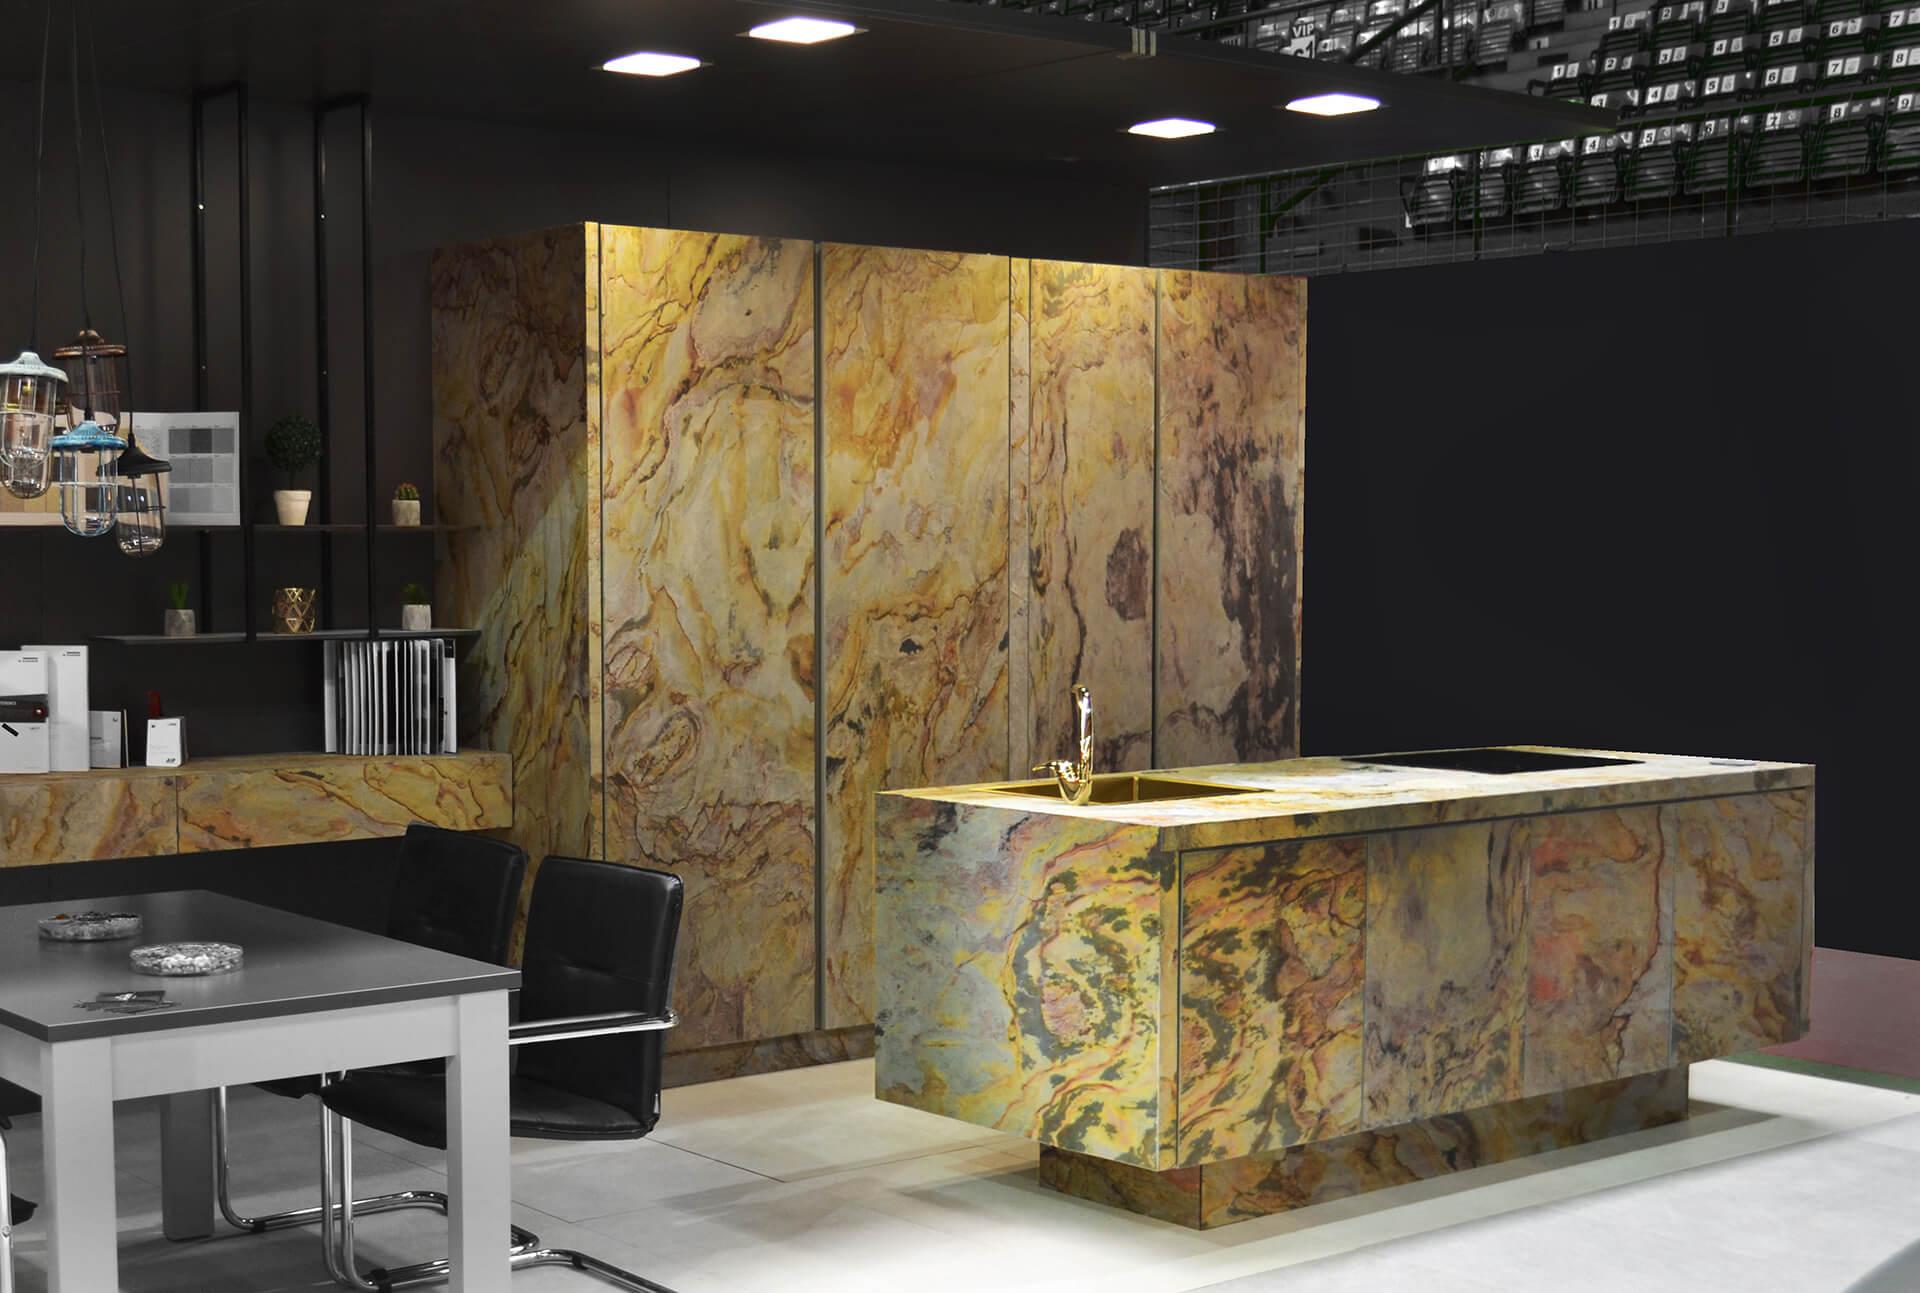 nova-ambienta-kuhinja s kamenim površinama-3